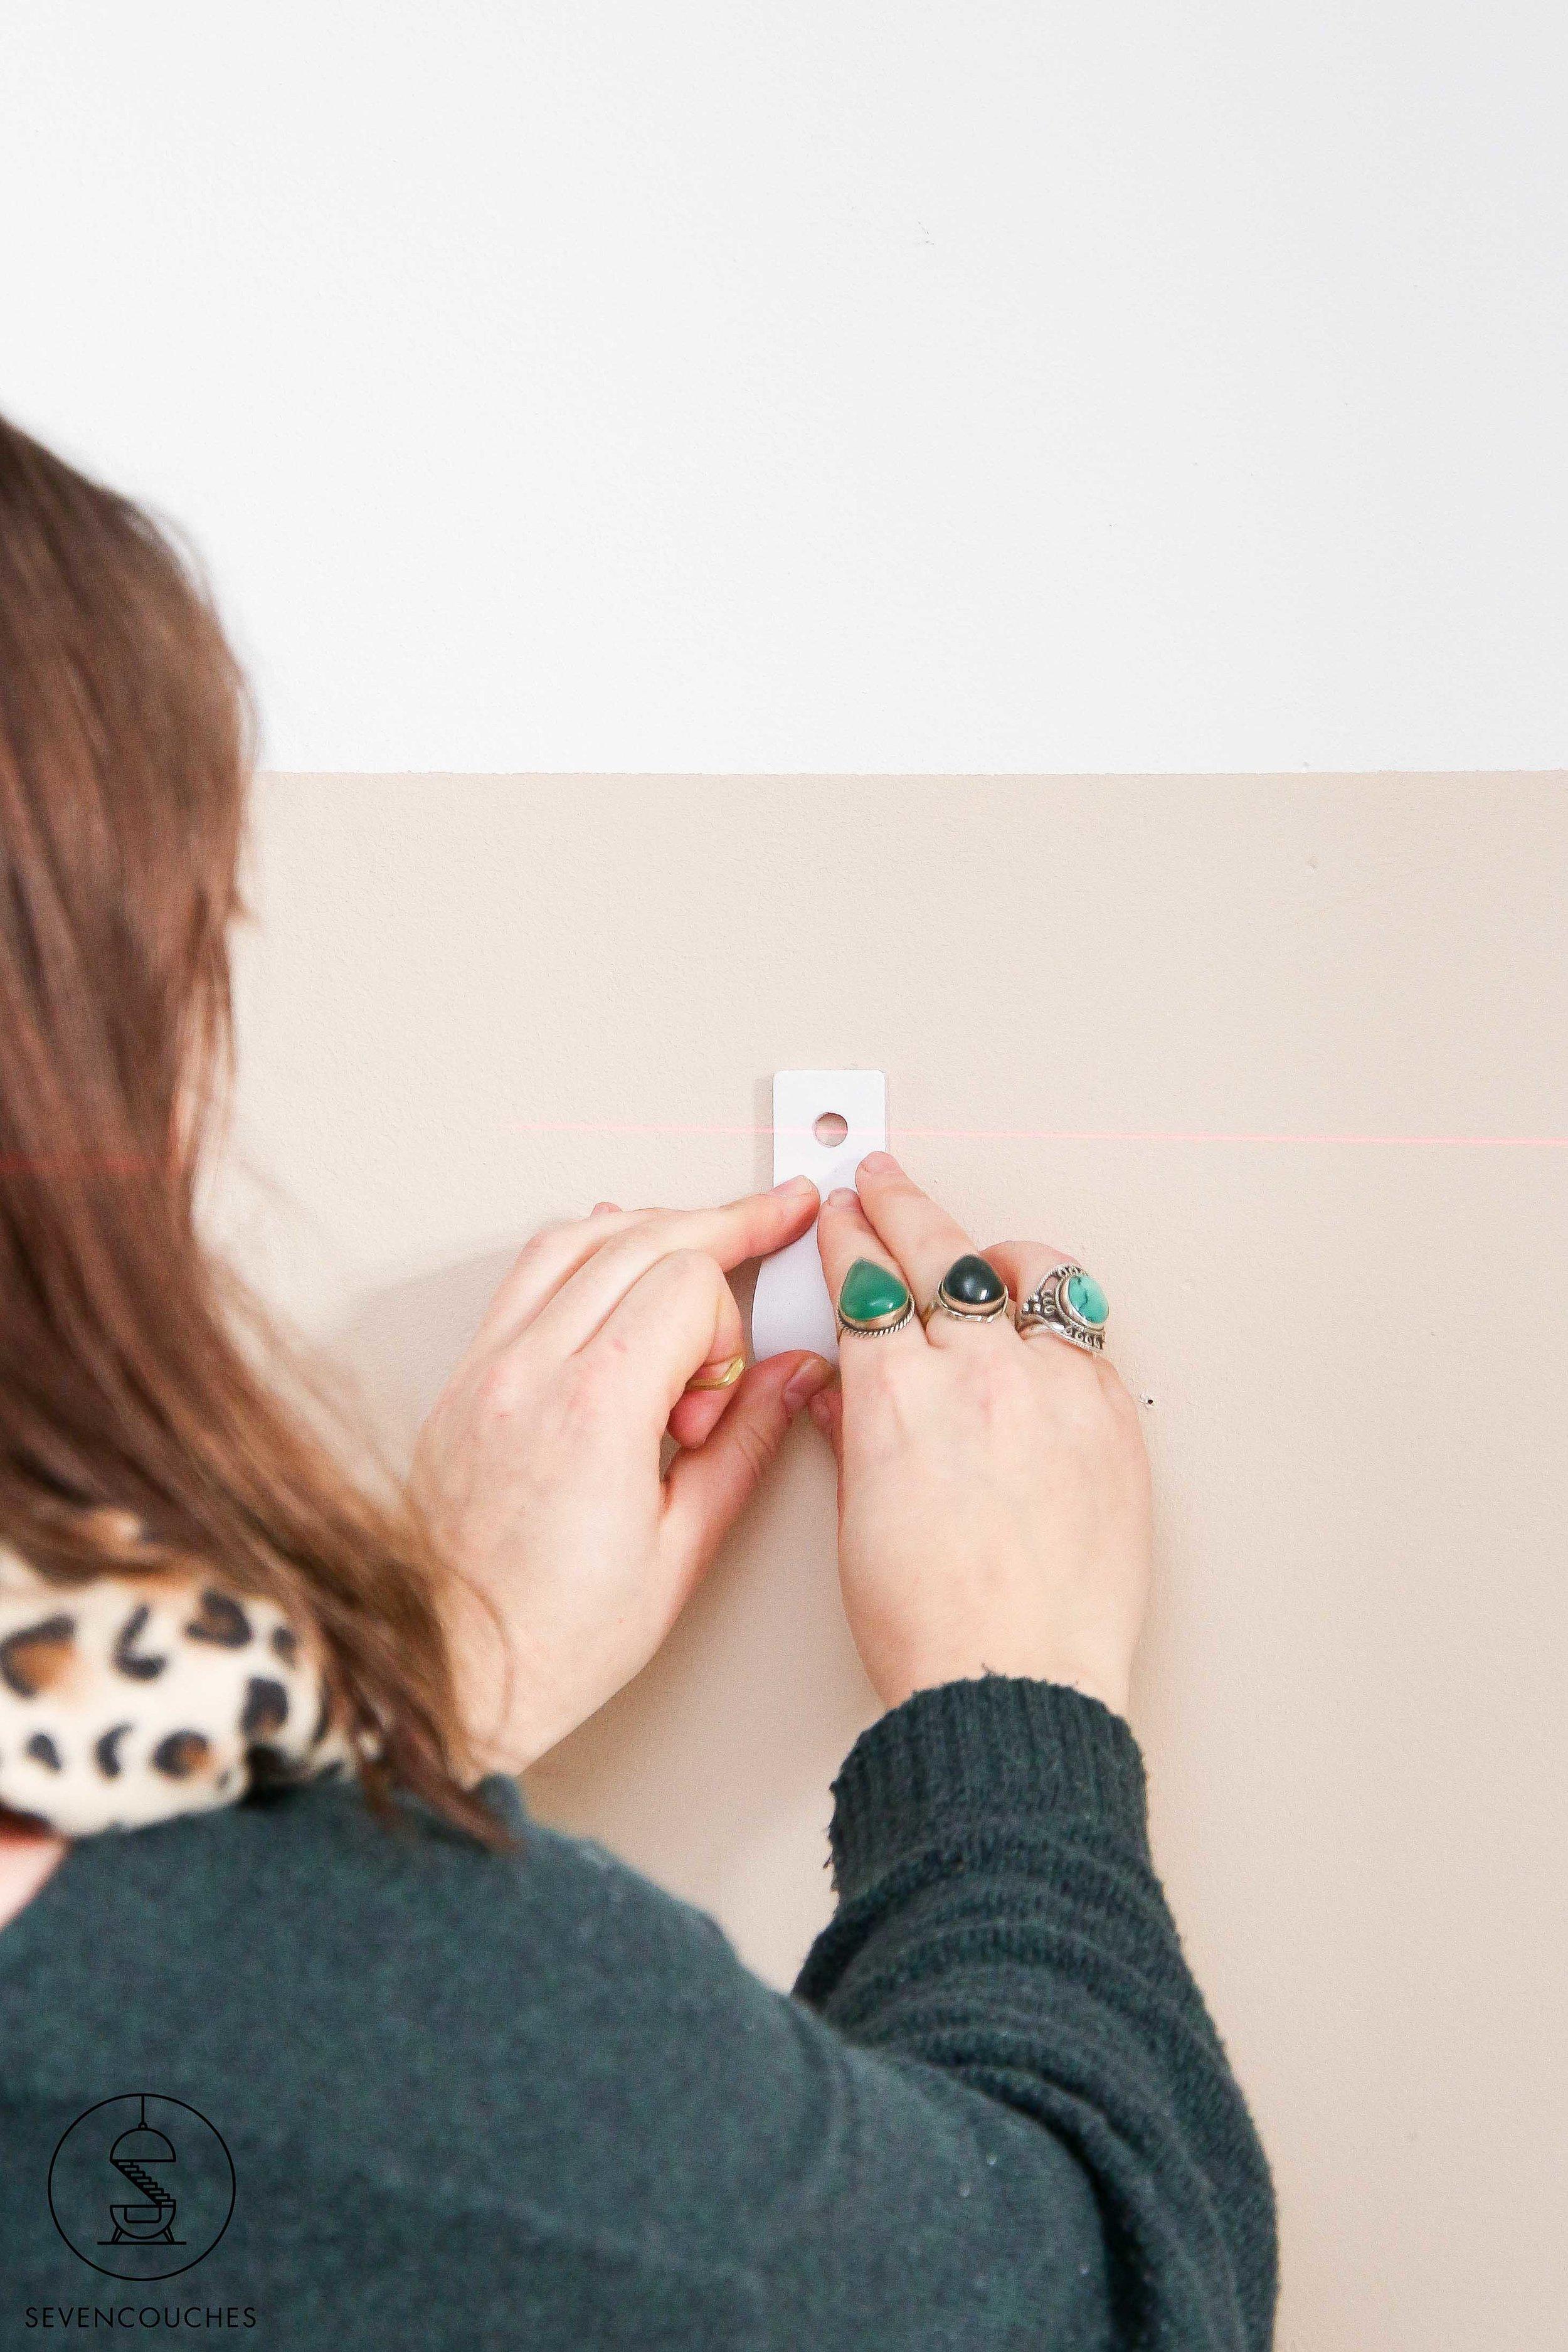 Met deze tool tover je razendsnel een strakke lambrisering op de muur